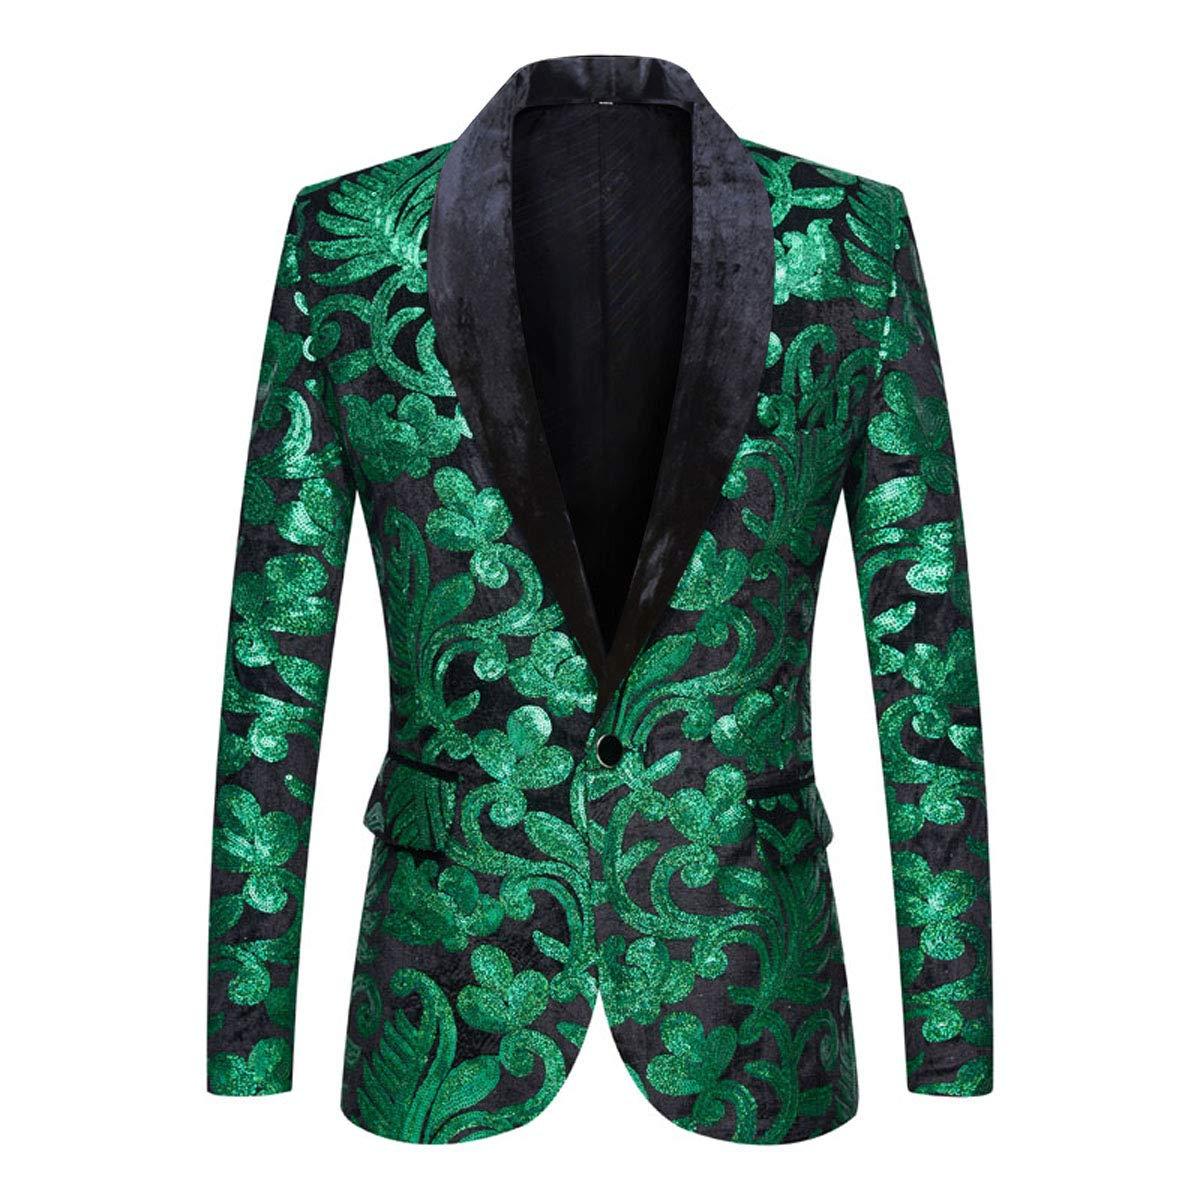 PYJTRL Men Fashion Velvet Sequins Floral Pattern Suit Jacket Blazer (Green, S/38R) by PYJTRL